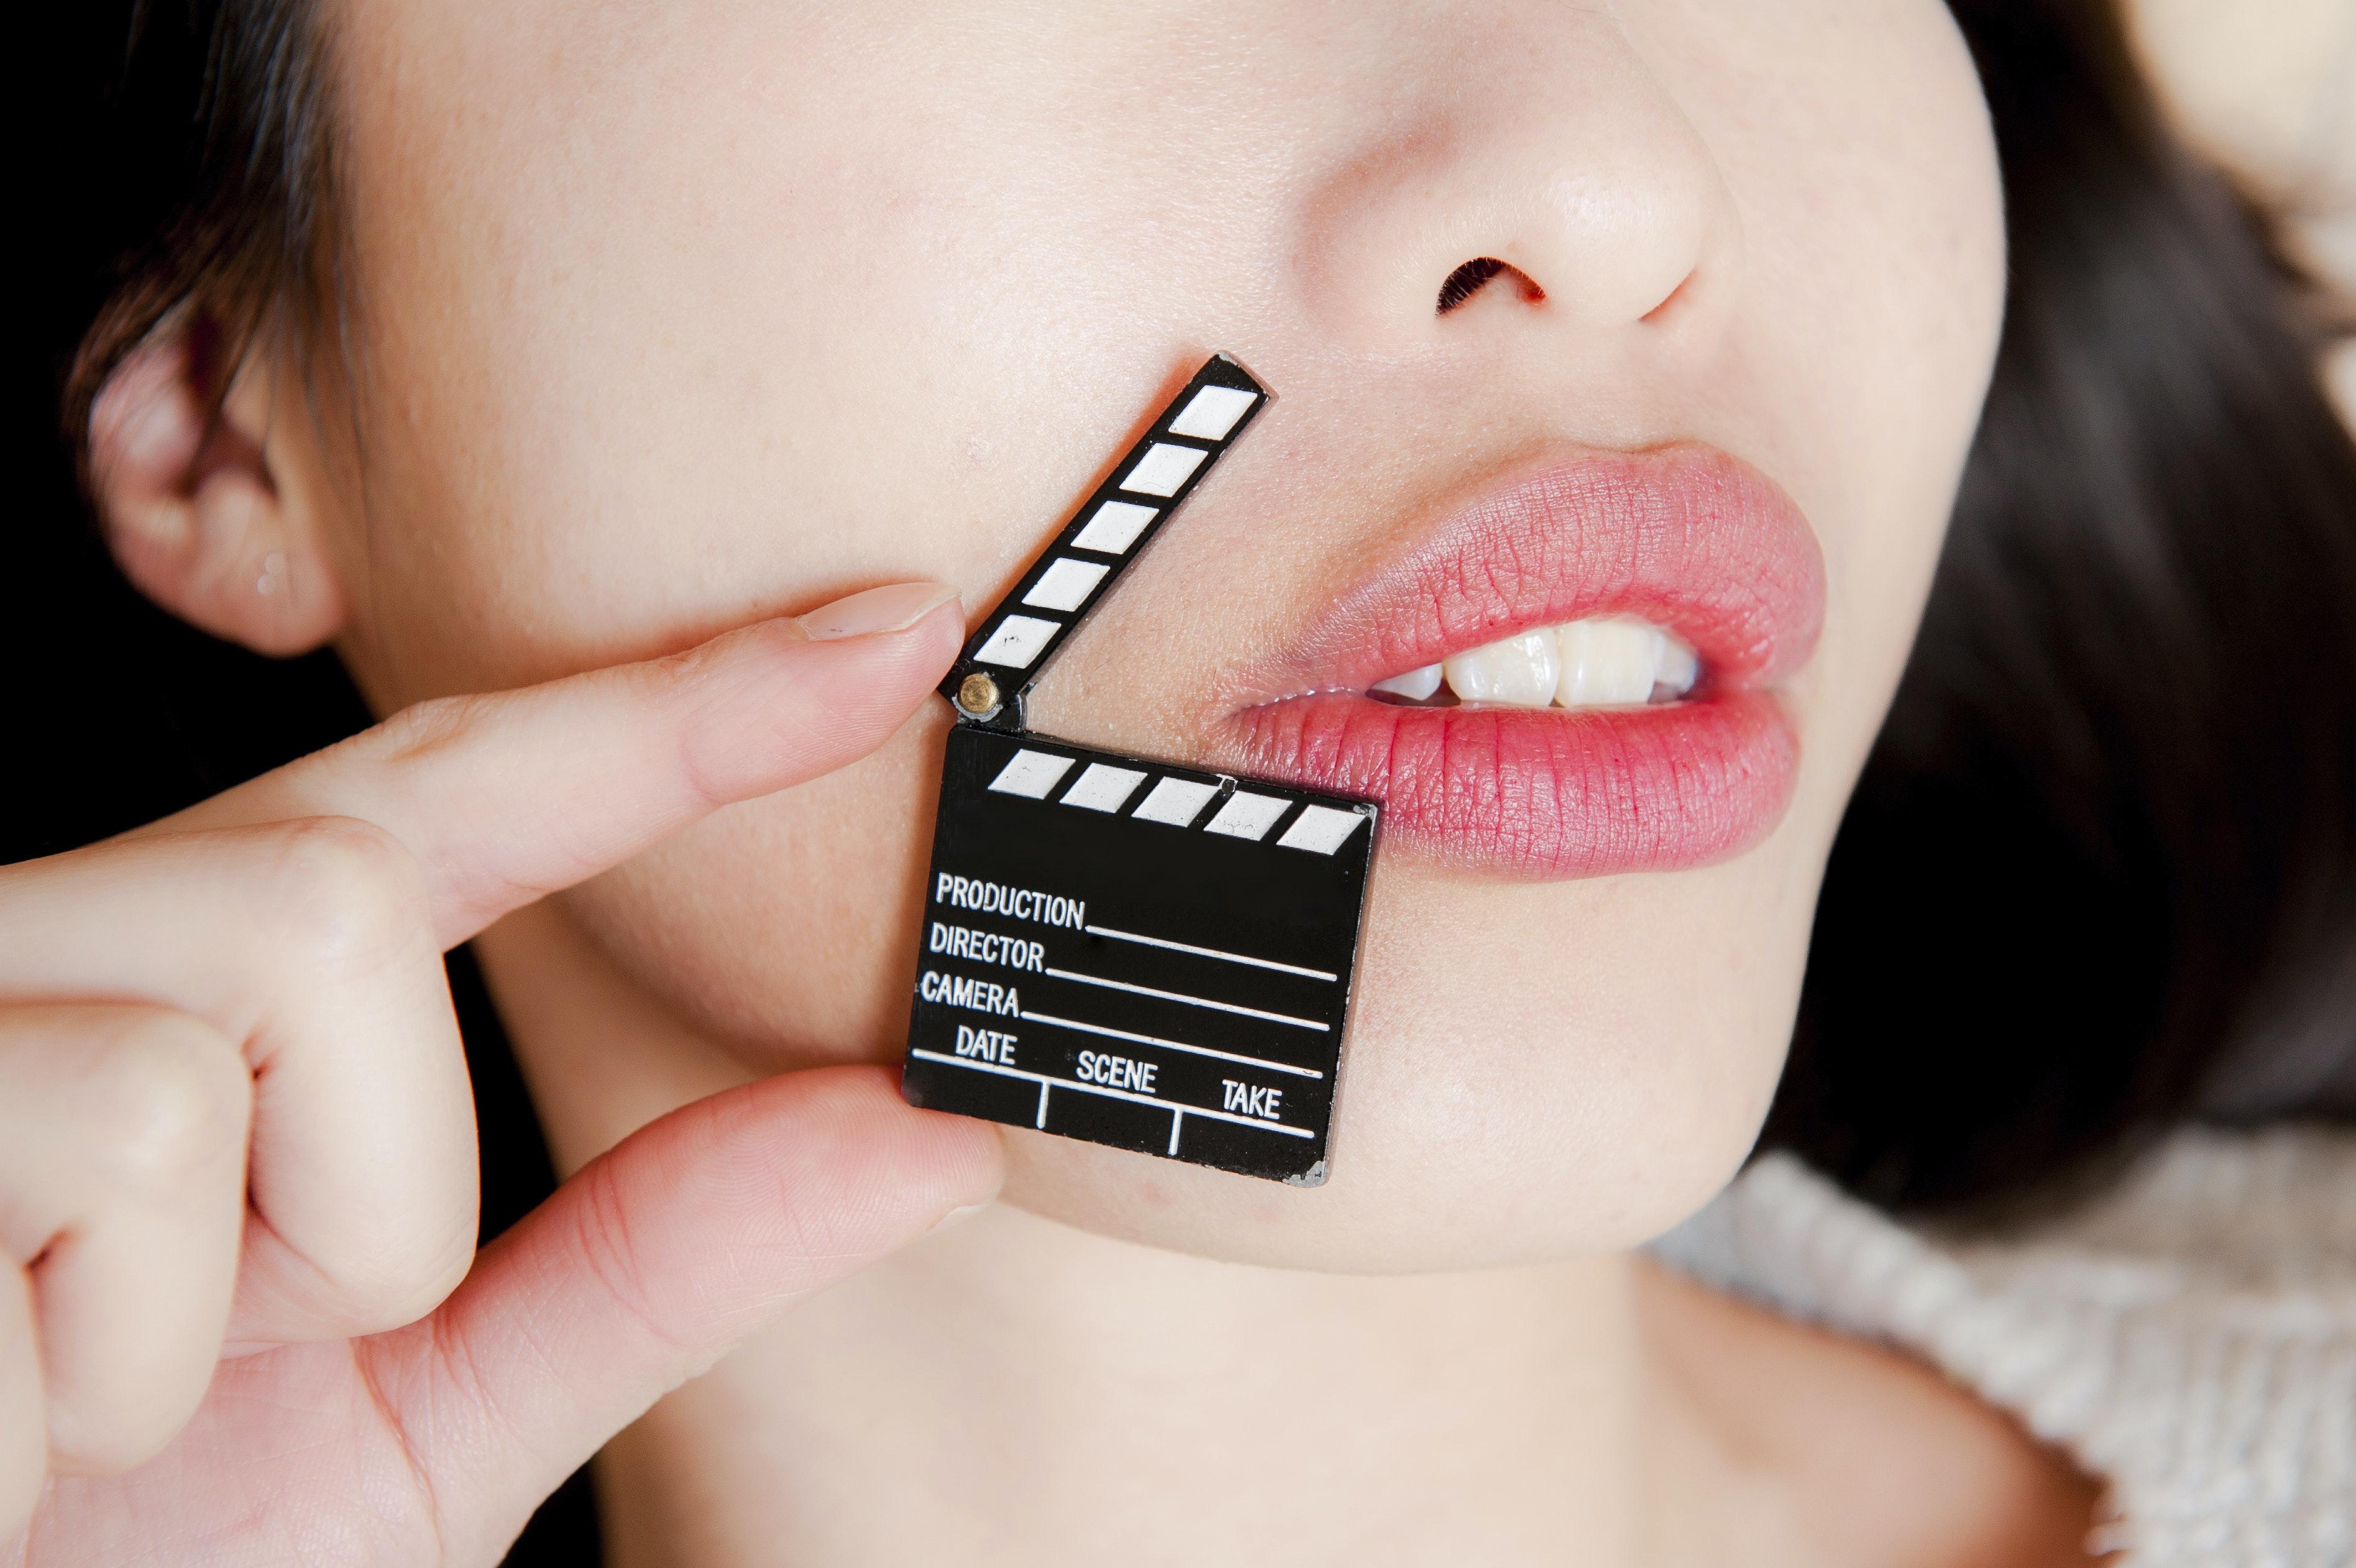 næsehårstrimmer test liderlige historier